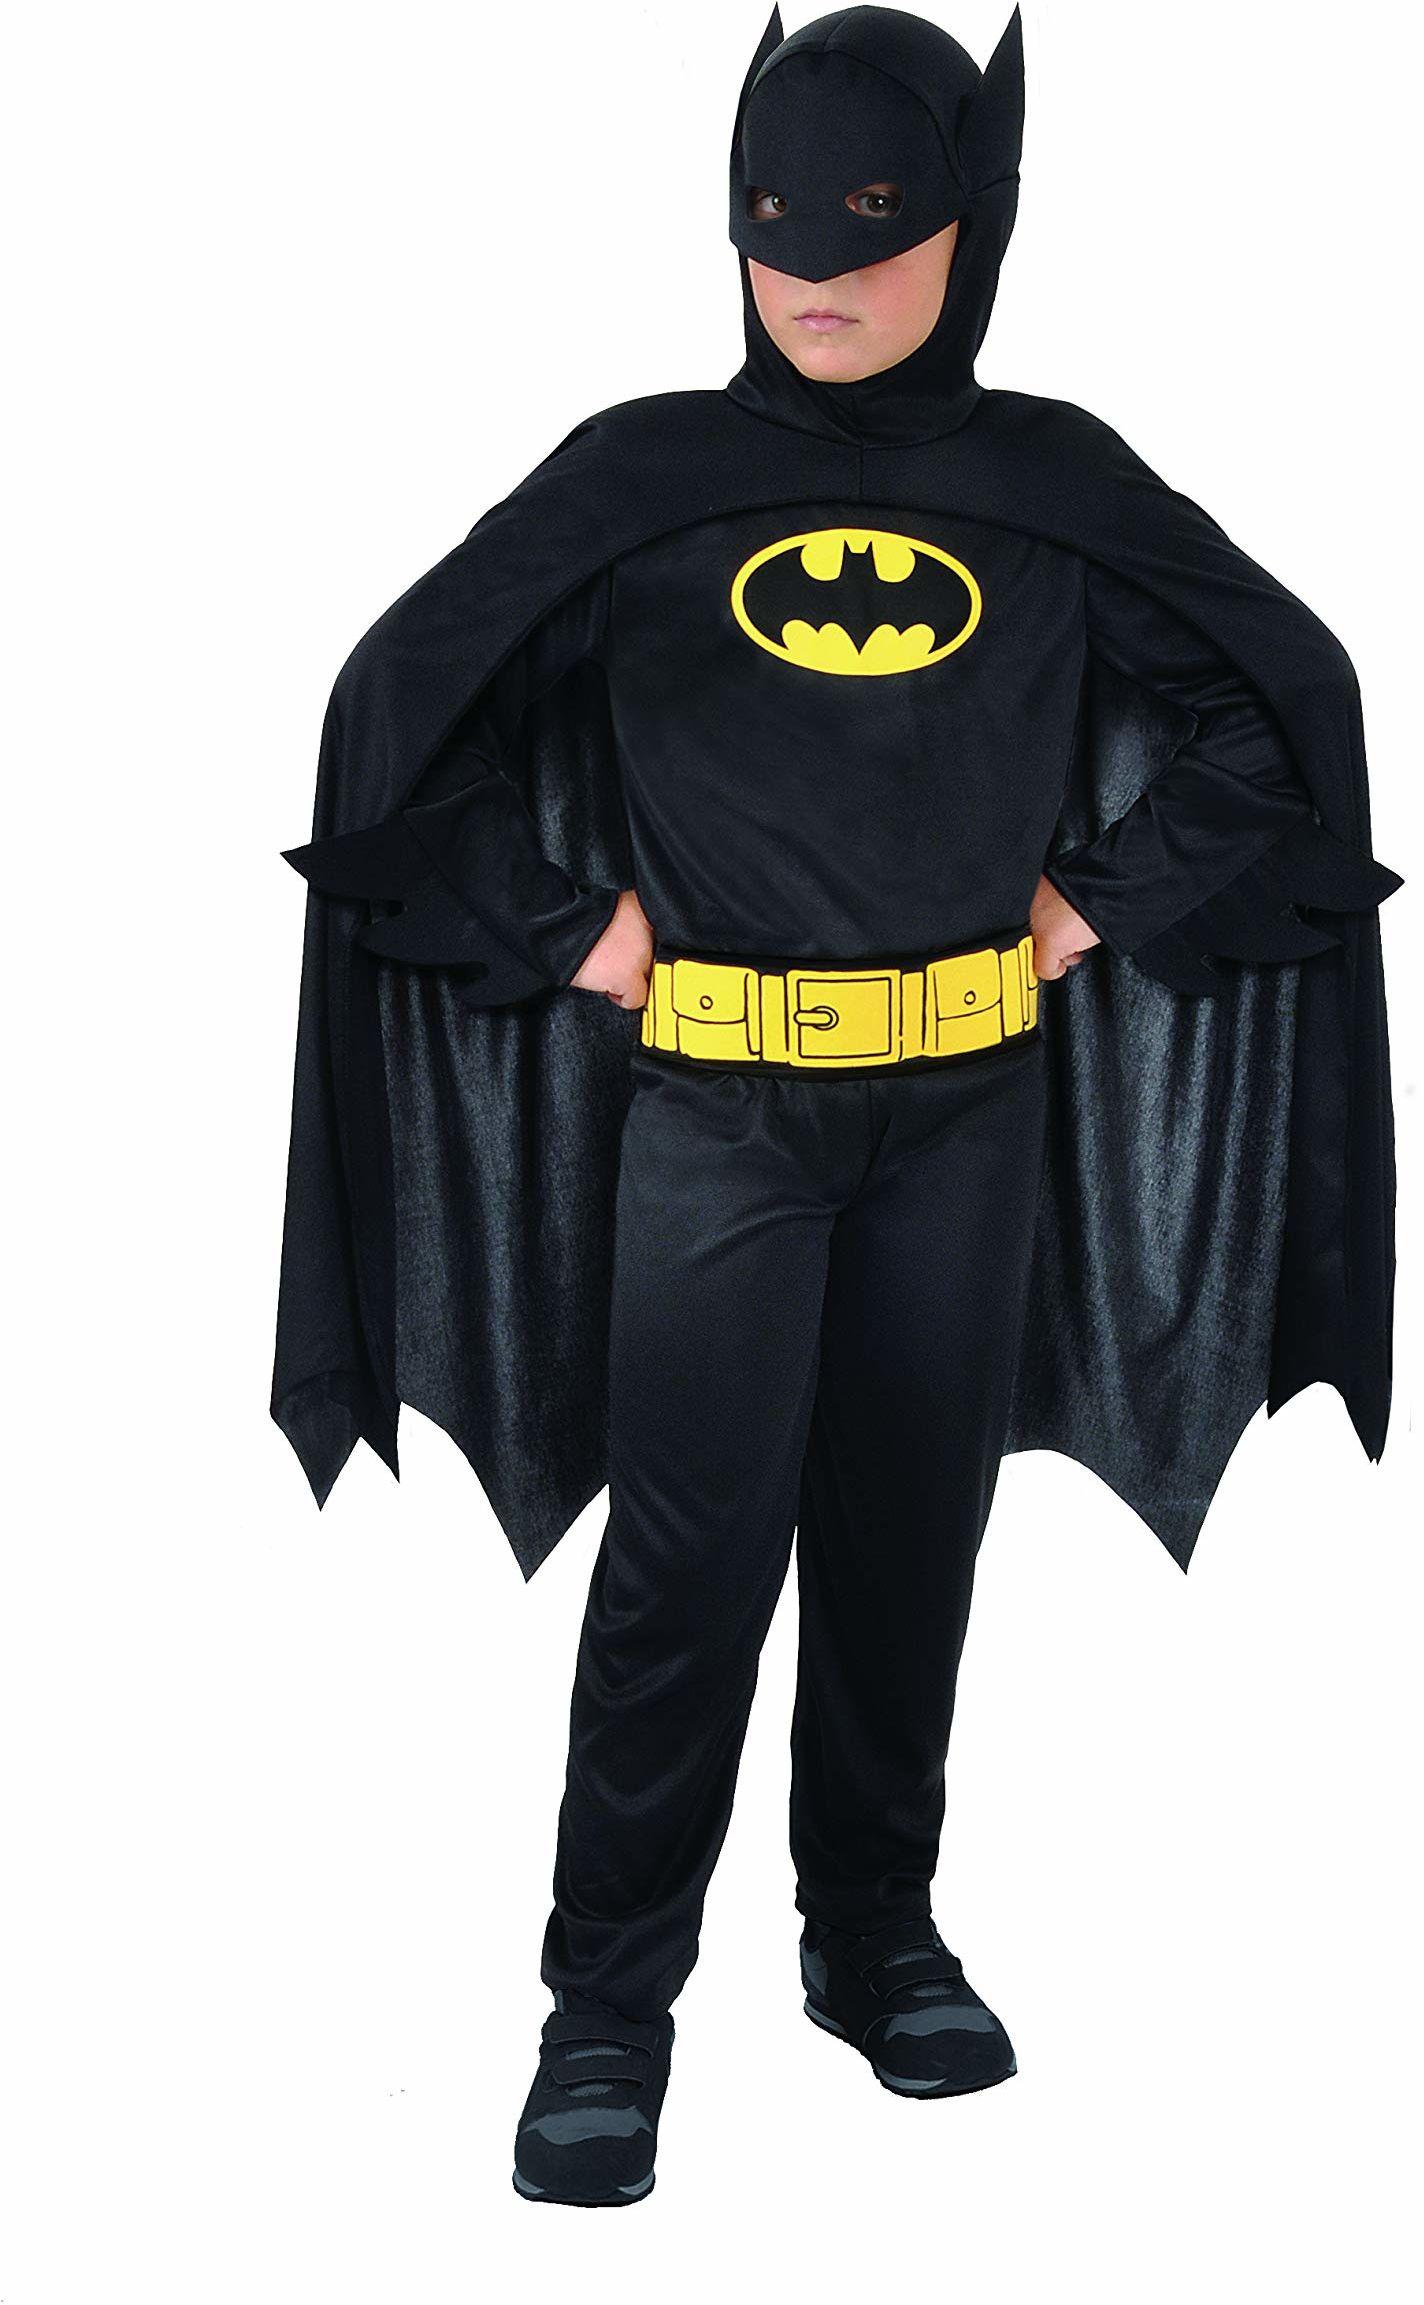 Ciao - Batman Dark Knight oryginalny kostium dziecięcy DC Comics (rozmiar 8-10 lat), kolor, 11670.8-10